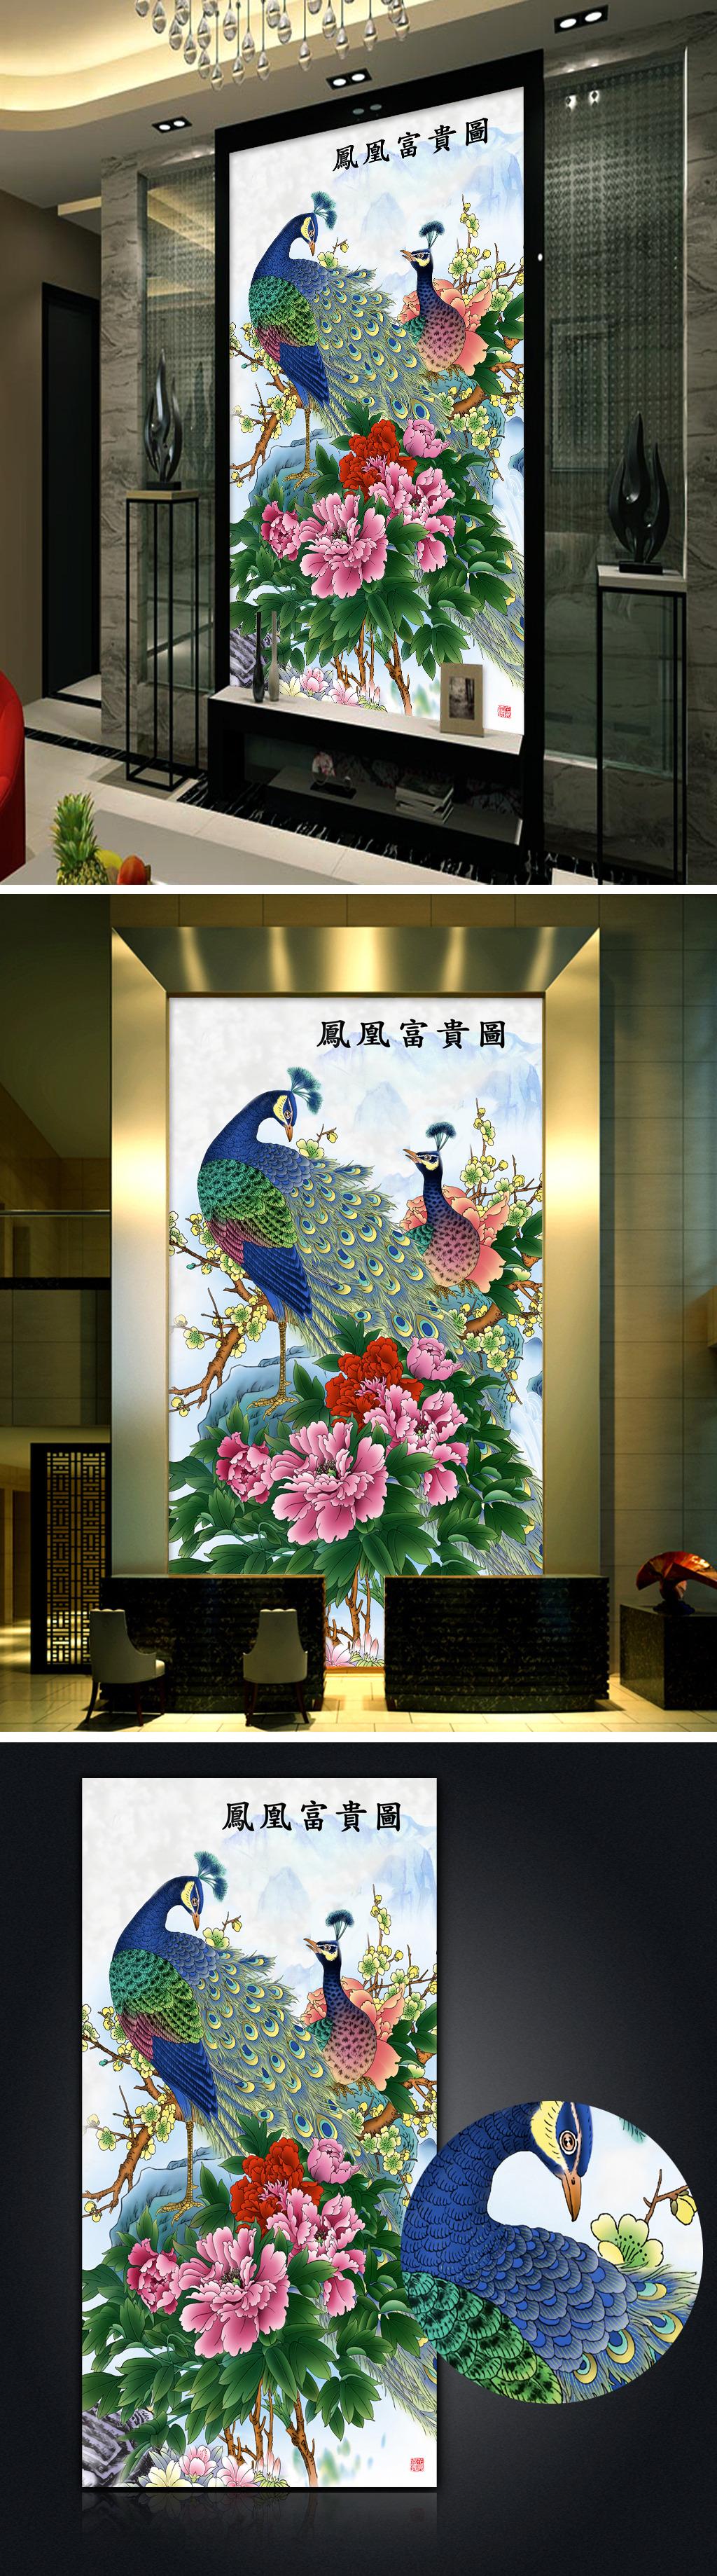 凤凰宝贵图玄关背景墙装饰画